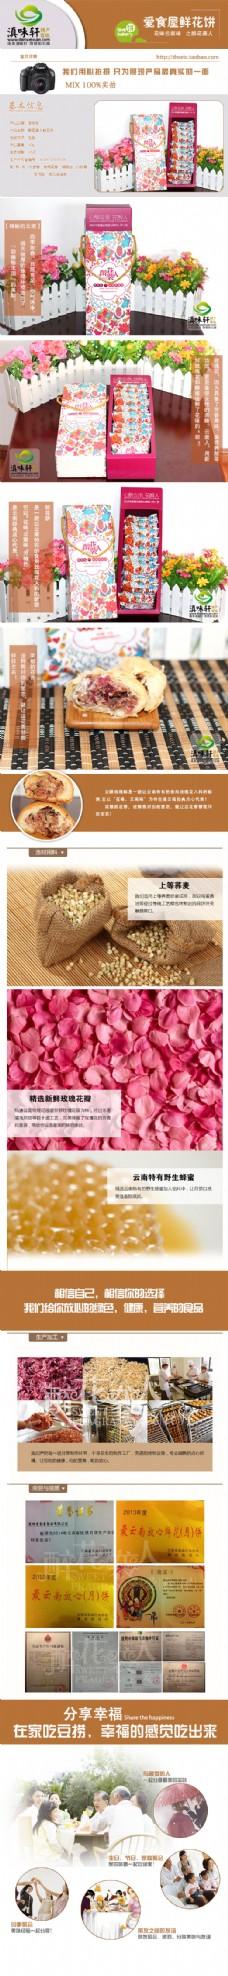 玫瑰鲜花饼淘宝详情设计